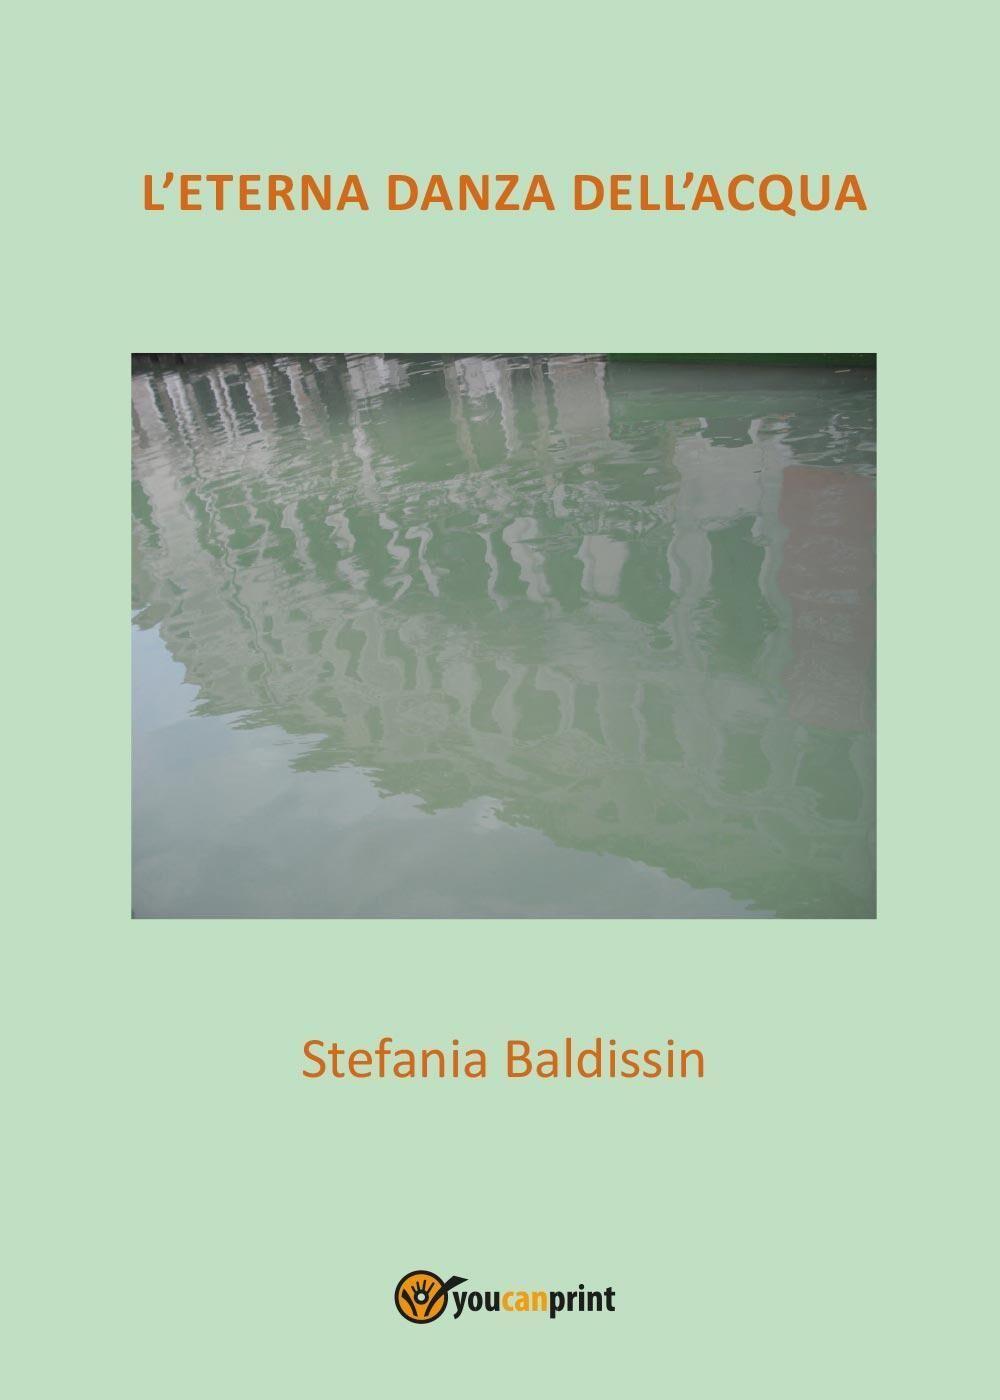 L' eterna danza dell'acqua